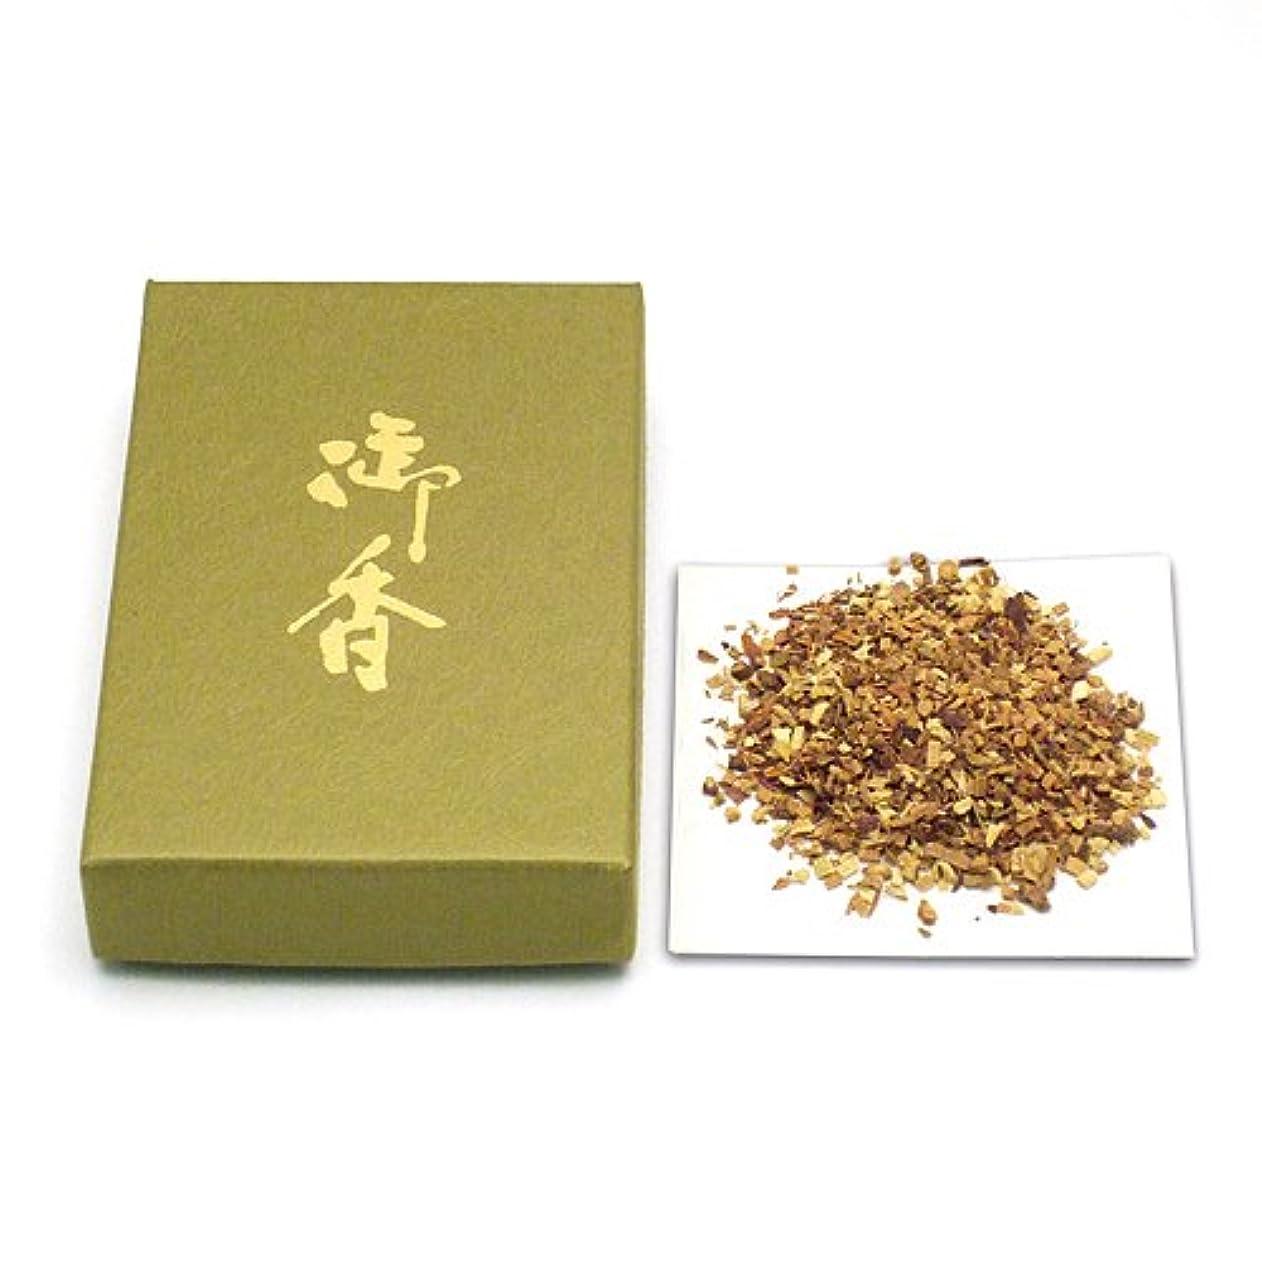 キリマンジャロプランター素晴らしき焼香用御香 瑞薫印 25g◆お焼香用の御香